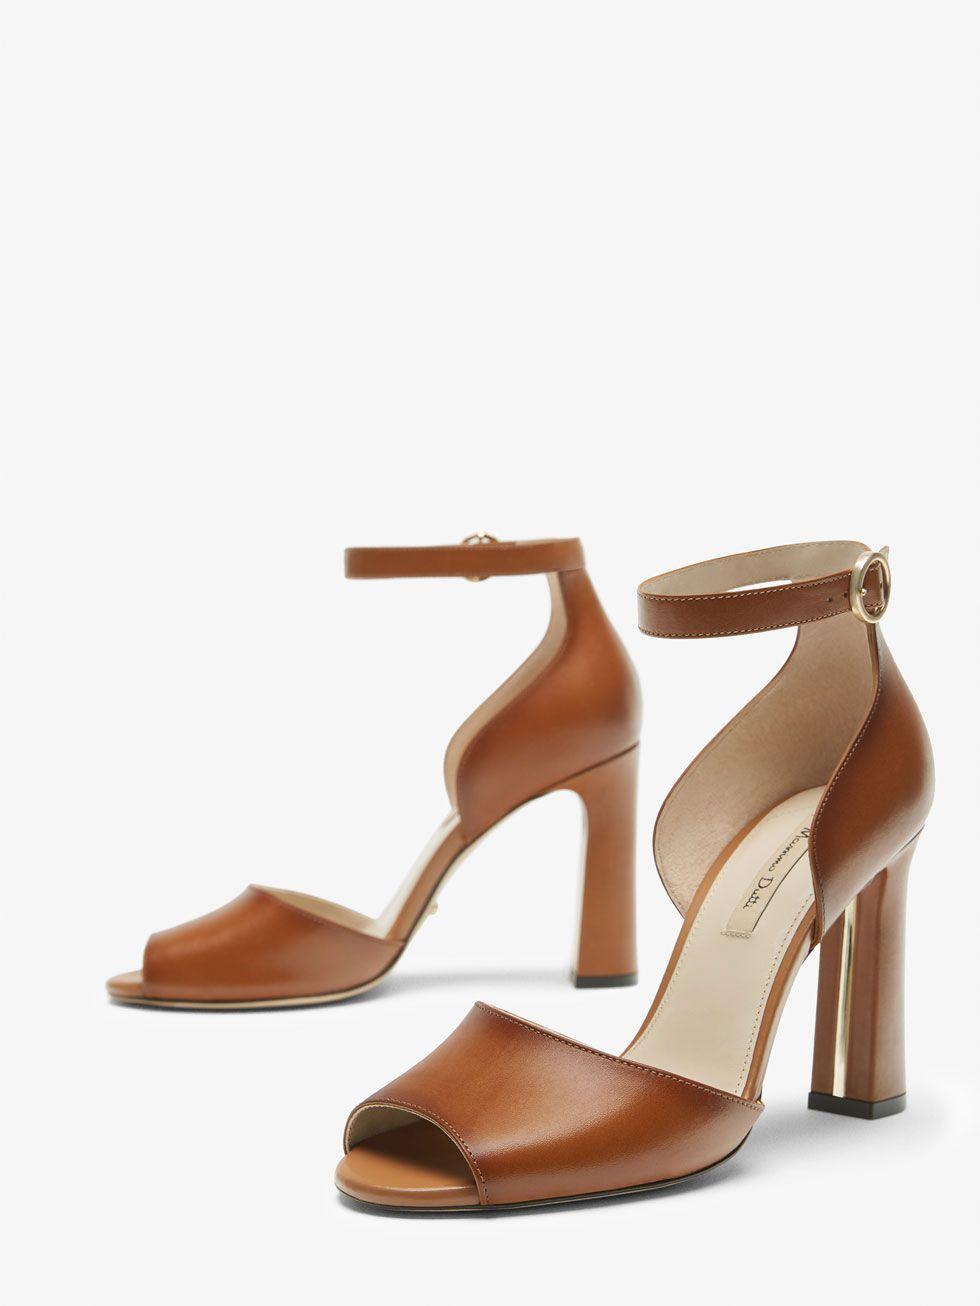 Cuero Ver Sandalia De Piel Mujer Zapatos Todo Dutti Massimo PkXZuOi